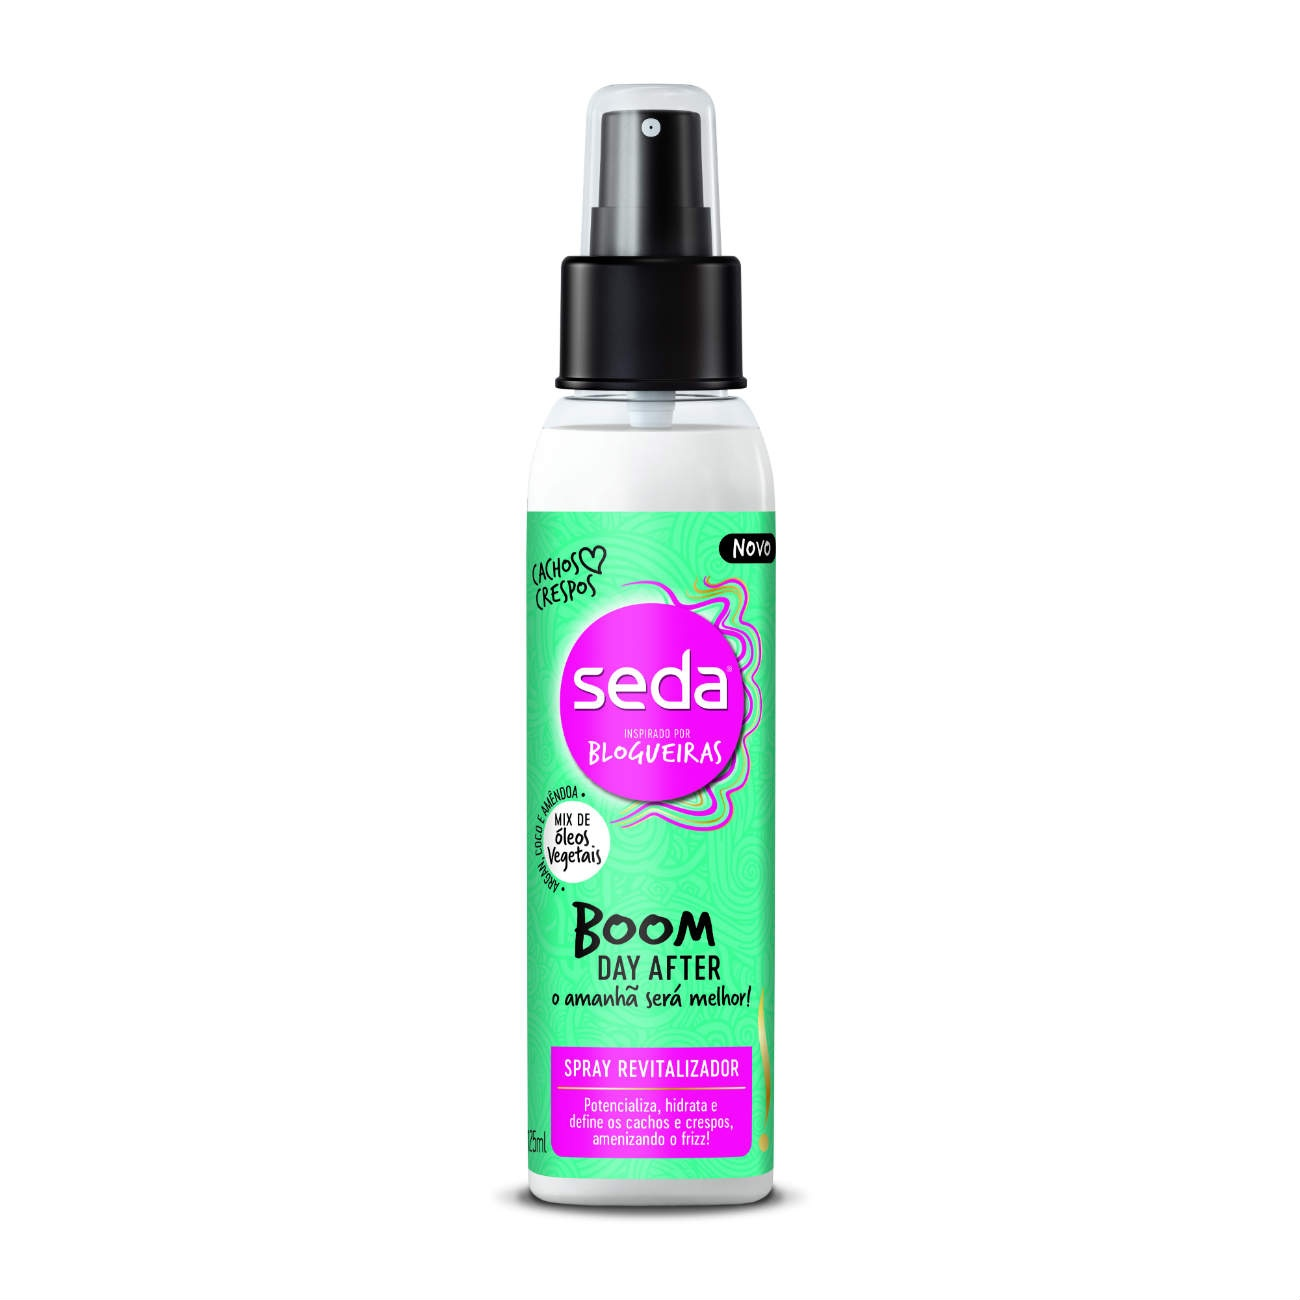 Spray revitalizador Seda Boom 125ml